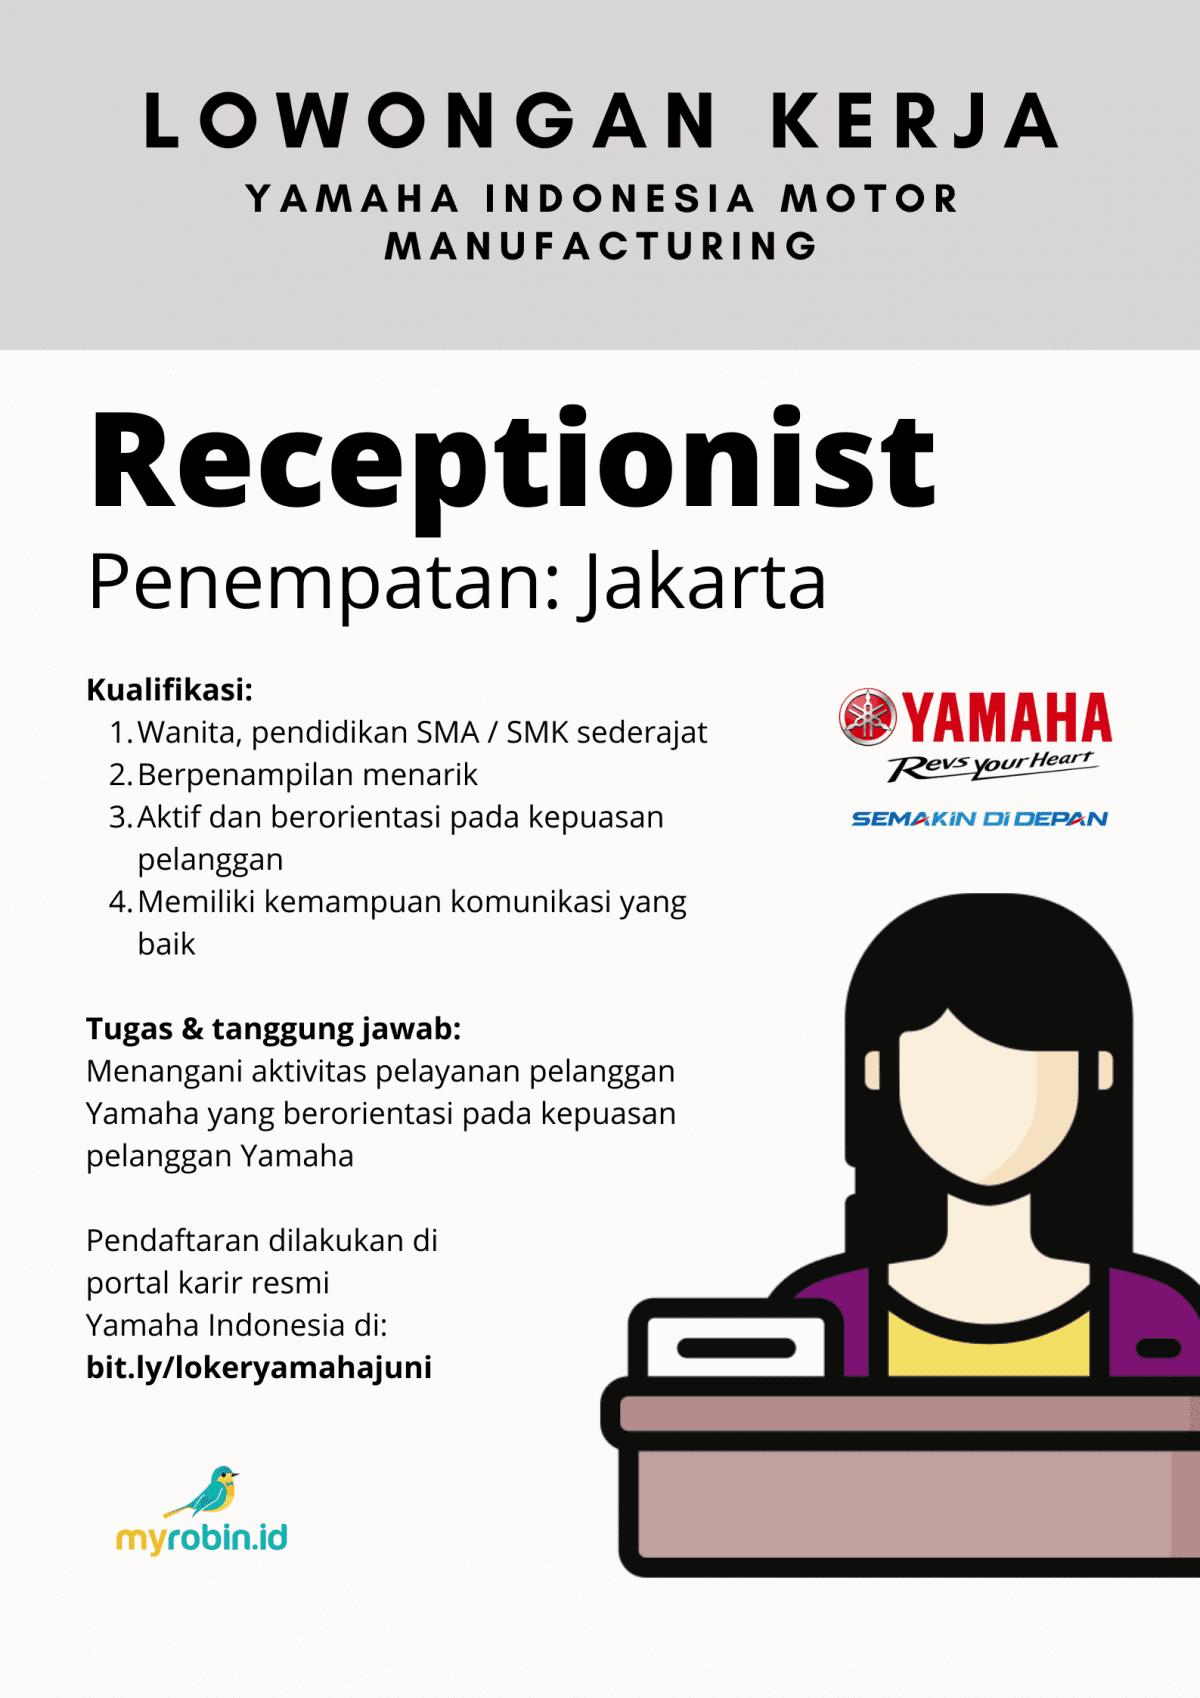 Yamaha Membuka Lowongan Untuk Operator Dan Resepsionis Min Sma Smk Sederajat Robin Komunitas Professional Terverifikasi Terbesar Di Indonesia